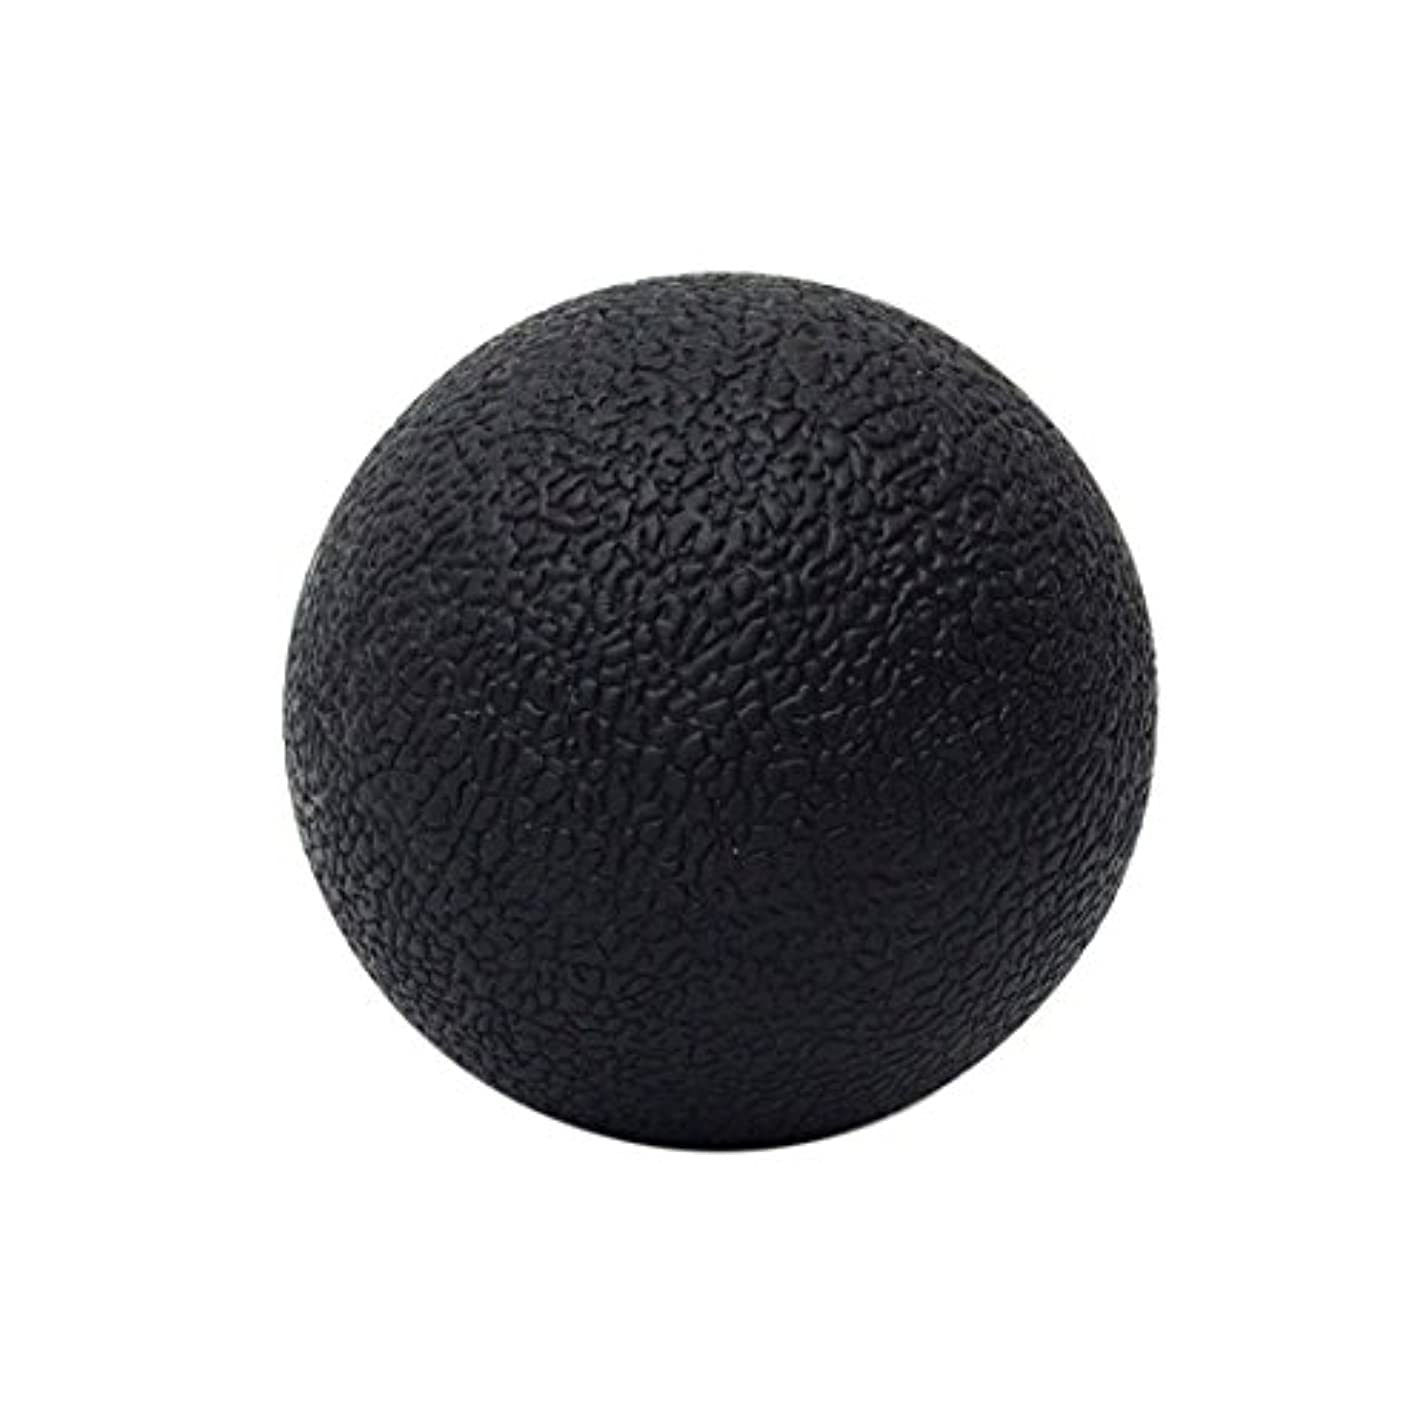 シード圧倒的村Freahap ストレッチボール マッサージボール リラックスボール 腰痛 肩こり ヨガ トレーニング シリコンゴム製